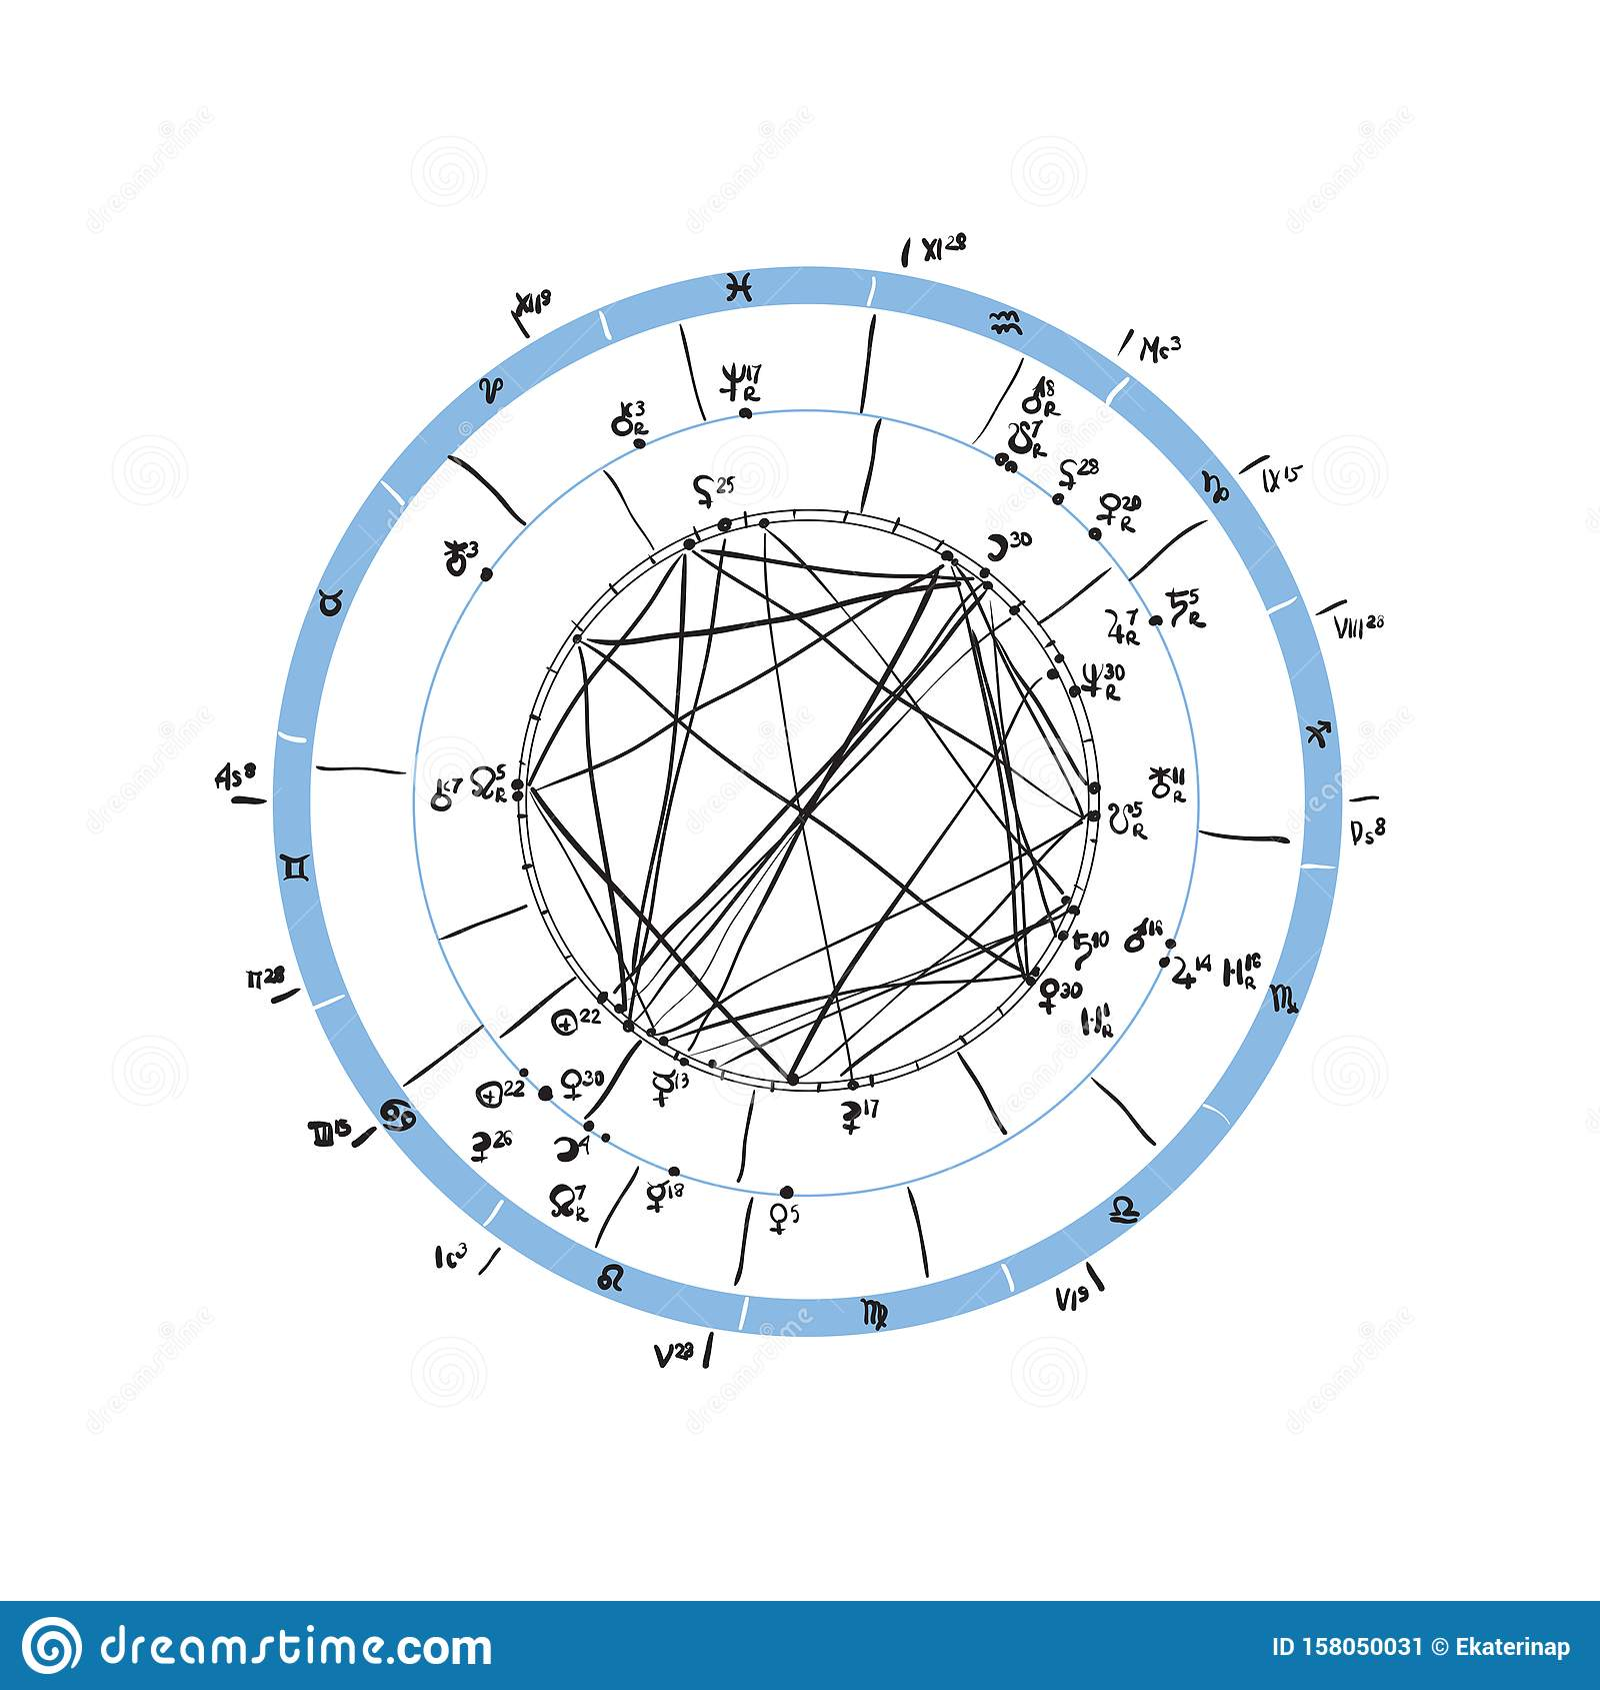 Horoscope Natal Chart, Astrological Celestial Map, Cosmogram ...